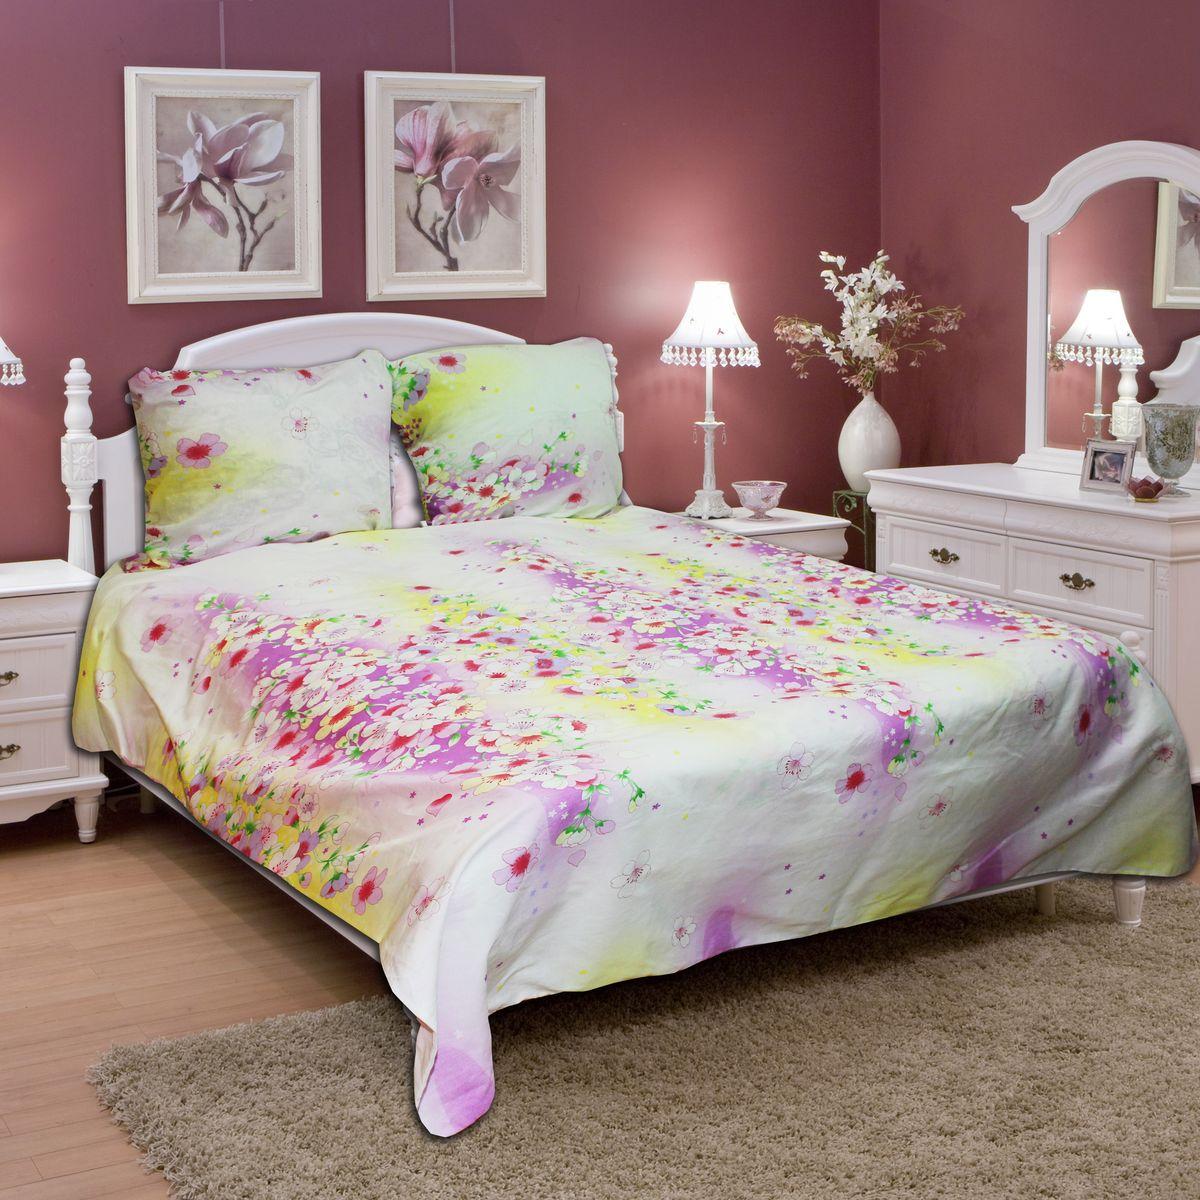 Комплект белья Amore Mio Soft, евро, наволочки 70х7077731Комплект постельного белья Amore Mio является экологически безопасным для всей семьи, так как выполнен из бязи (100% хлопок). Комплект состоит из пододеяльника, простыни и двух наволочек. Постельное белье оформлено оригинальным рисунком и имеет изысканный внешний вид. Легкая, плотная, мягкая ткань отлично стирается, гладится, быстро сохнет. Рекомендации по уходу: Химчистка и отбеливание запрещены. Рекомендуется стирка в прохладной воде при температуре не выше 30°С.